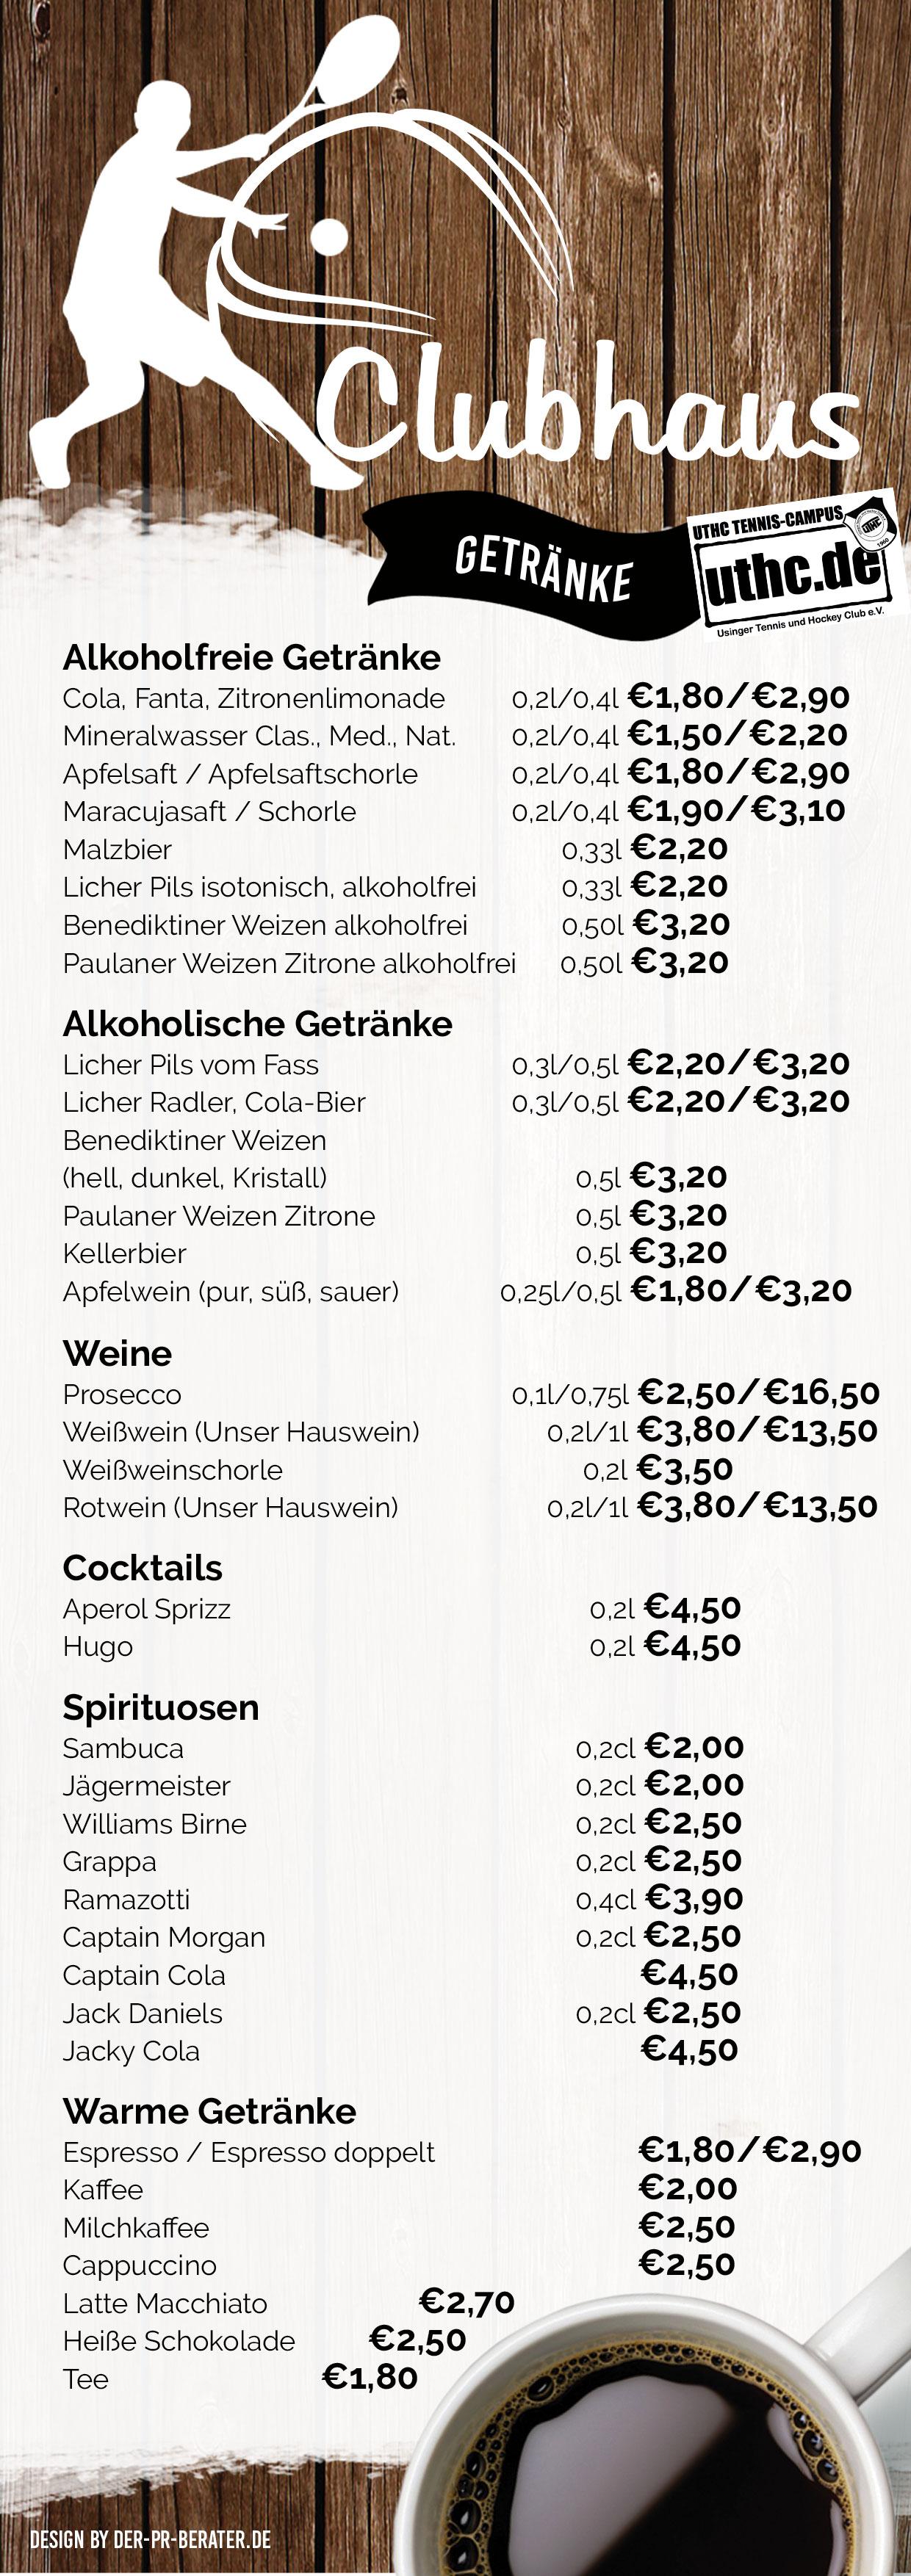 Sommer Getränkekarte vom öffentlichen UTHC-Clubhaus